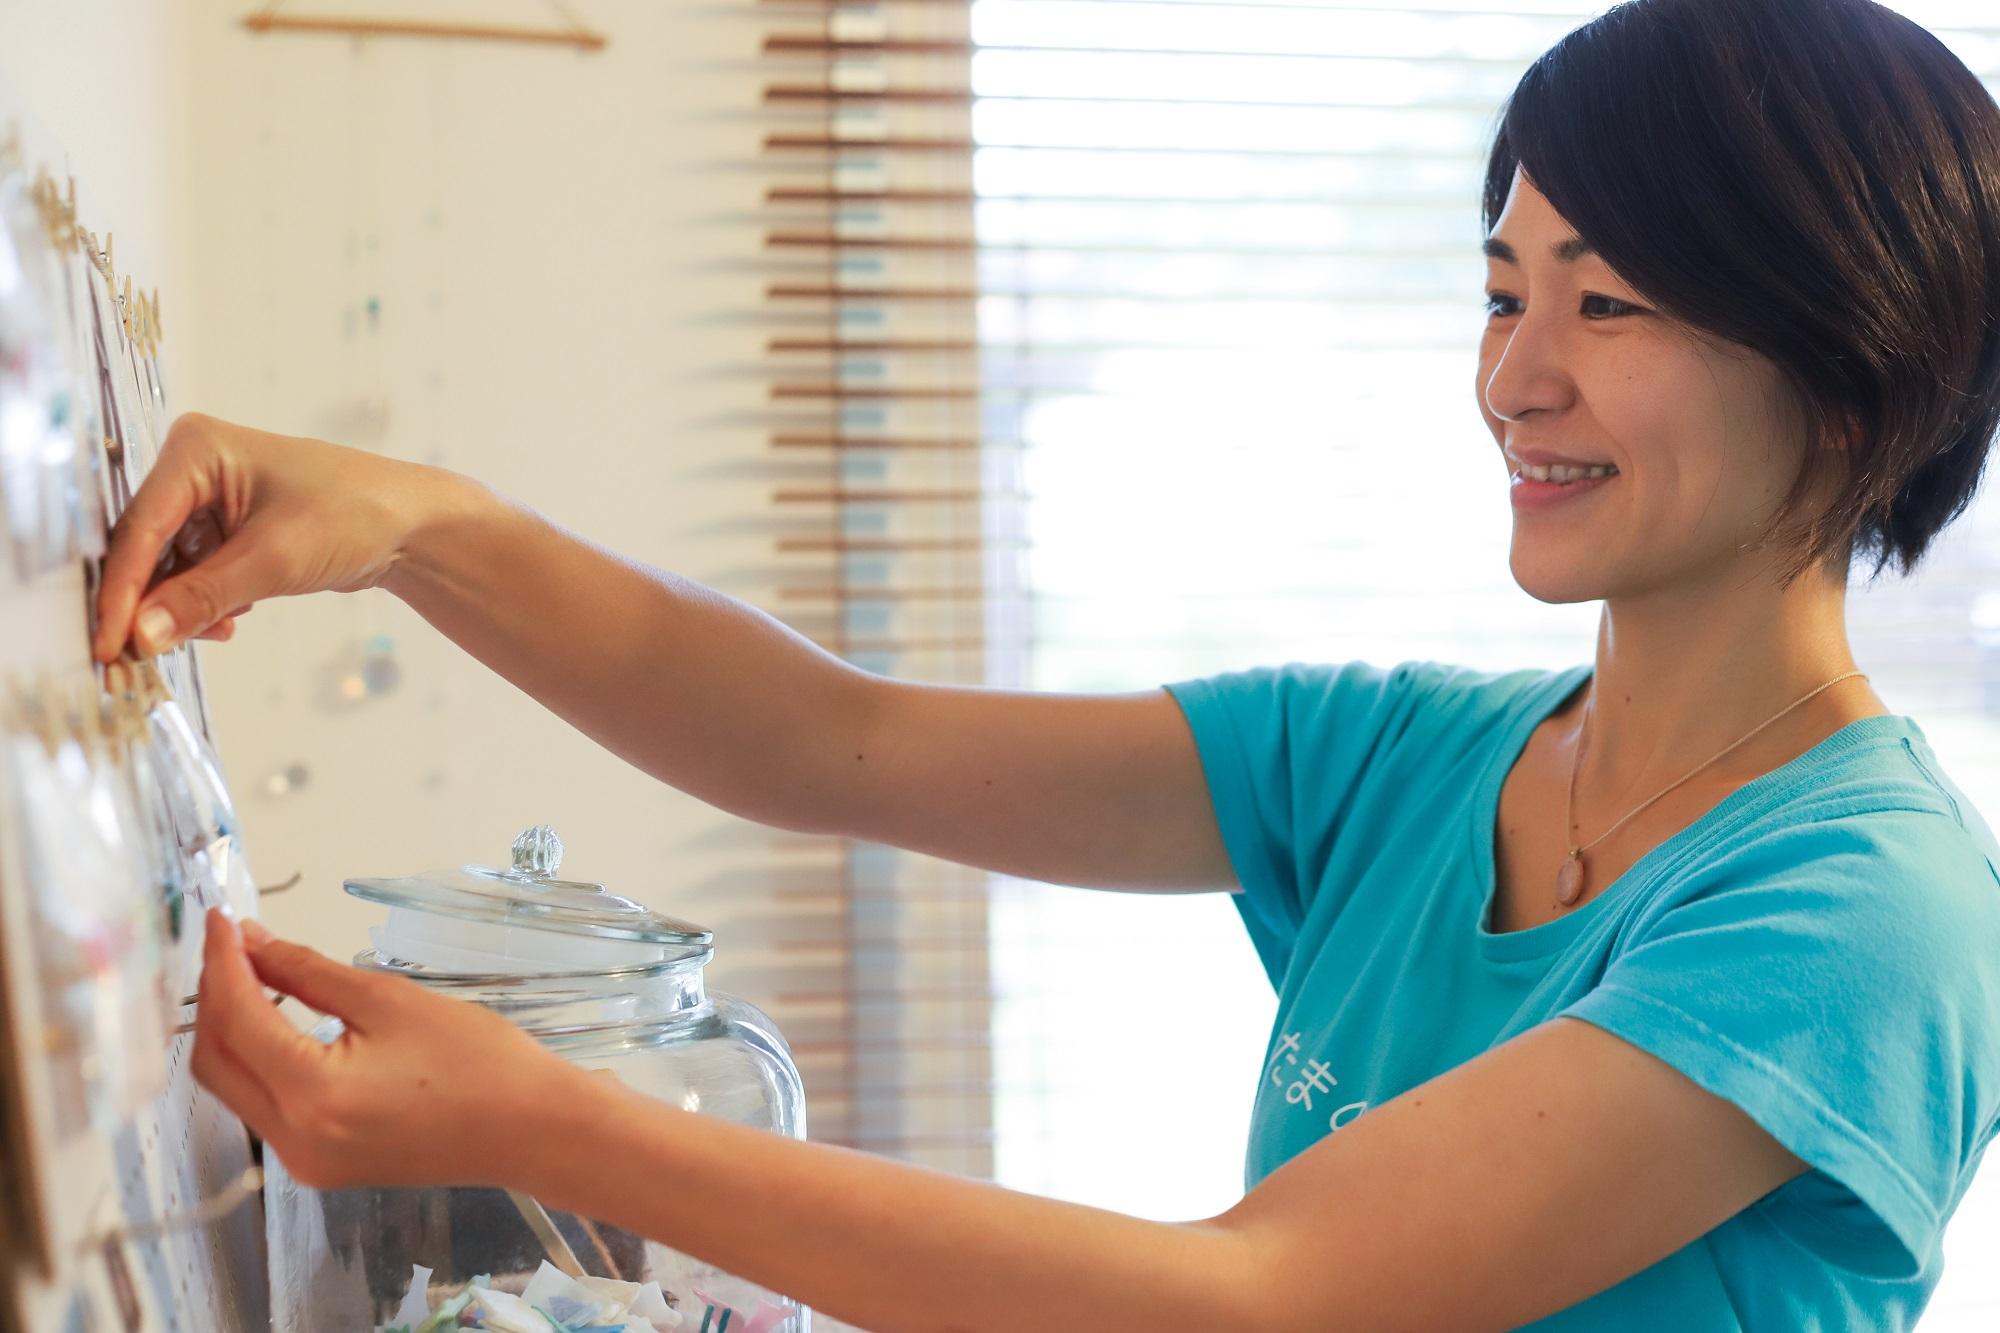 先輩移住者インタビュー:暮らしと仕事を一気に変えて石垣島へ移住。[後編]ヘッドスパニストとして起業した中里恵さん